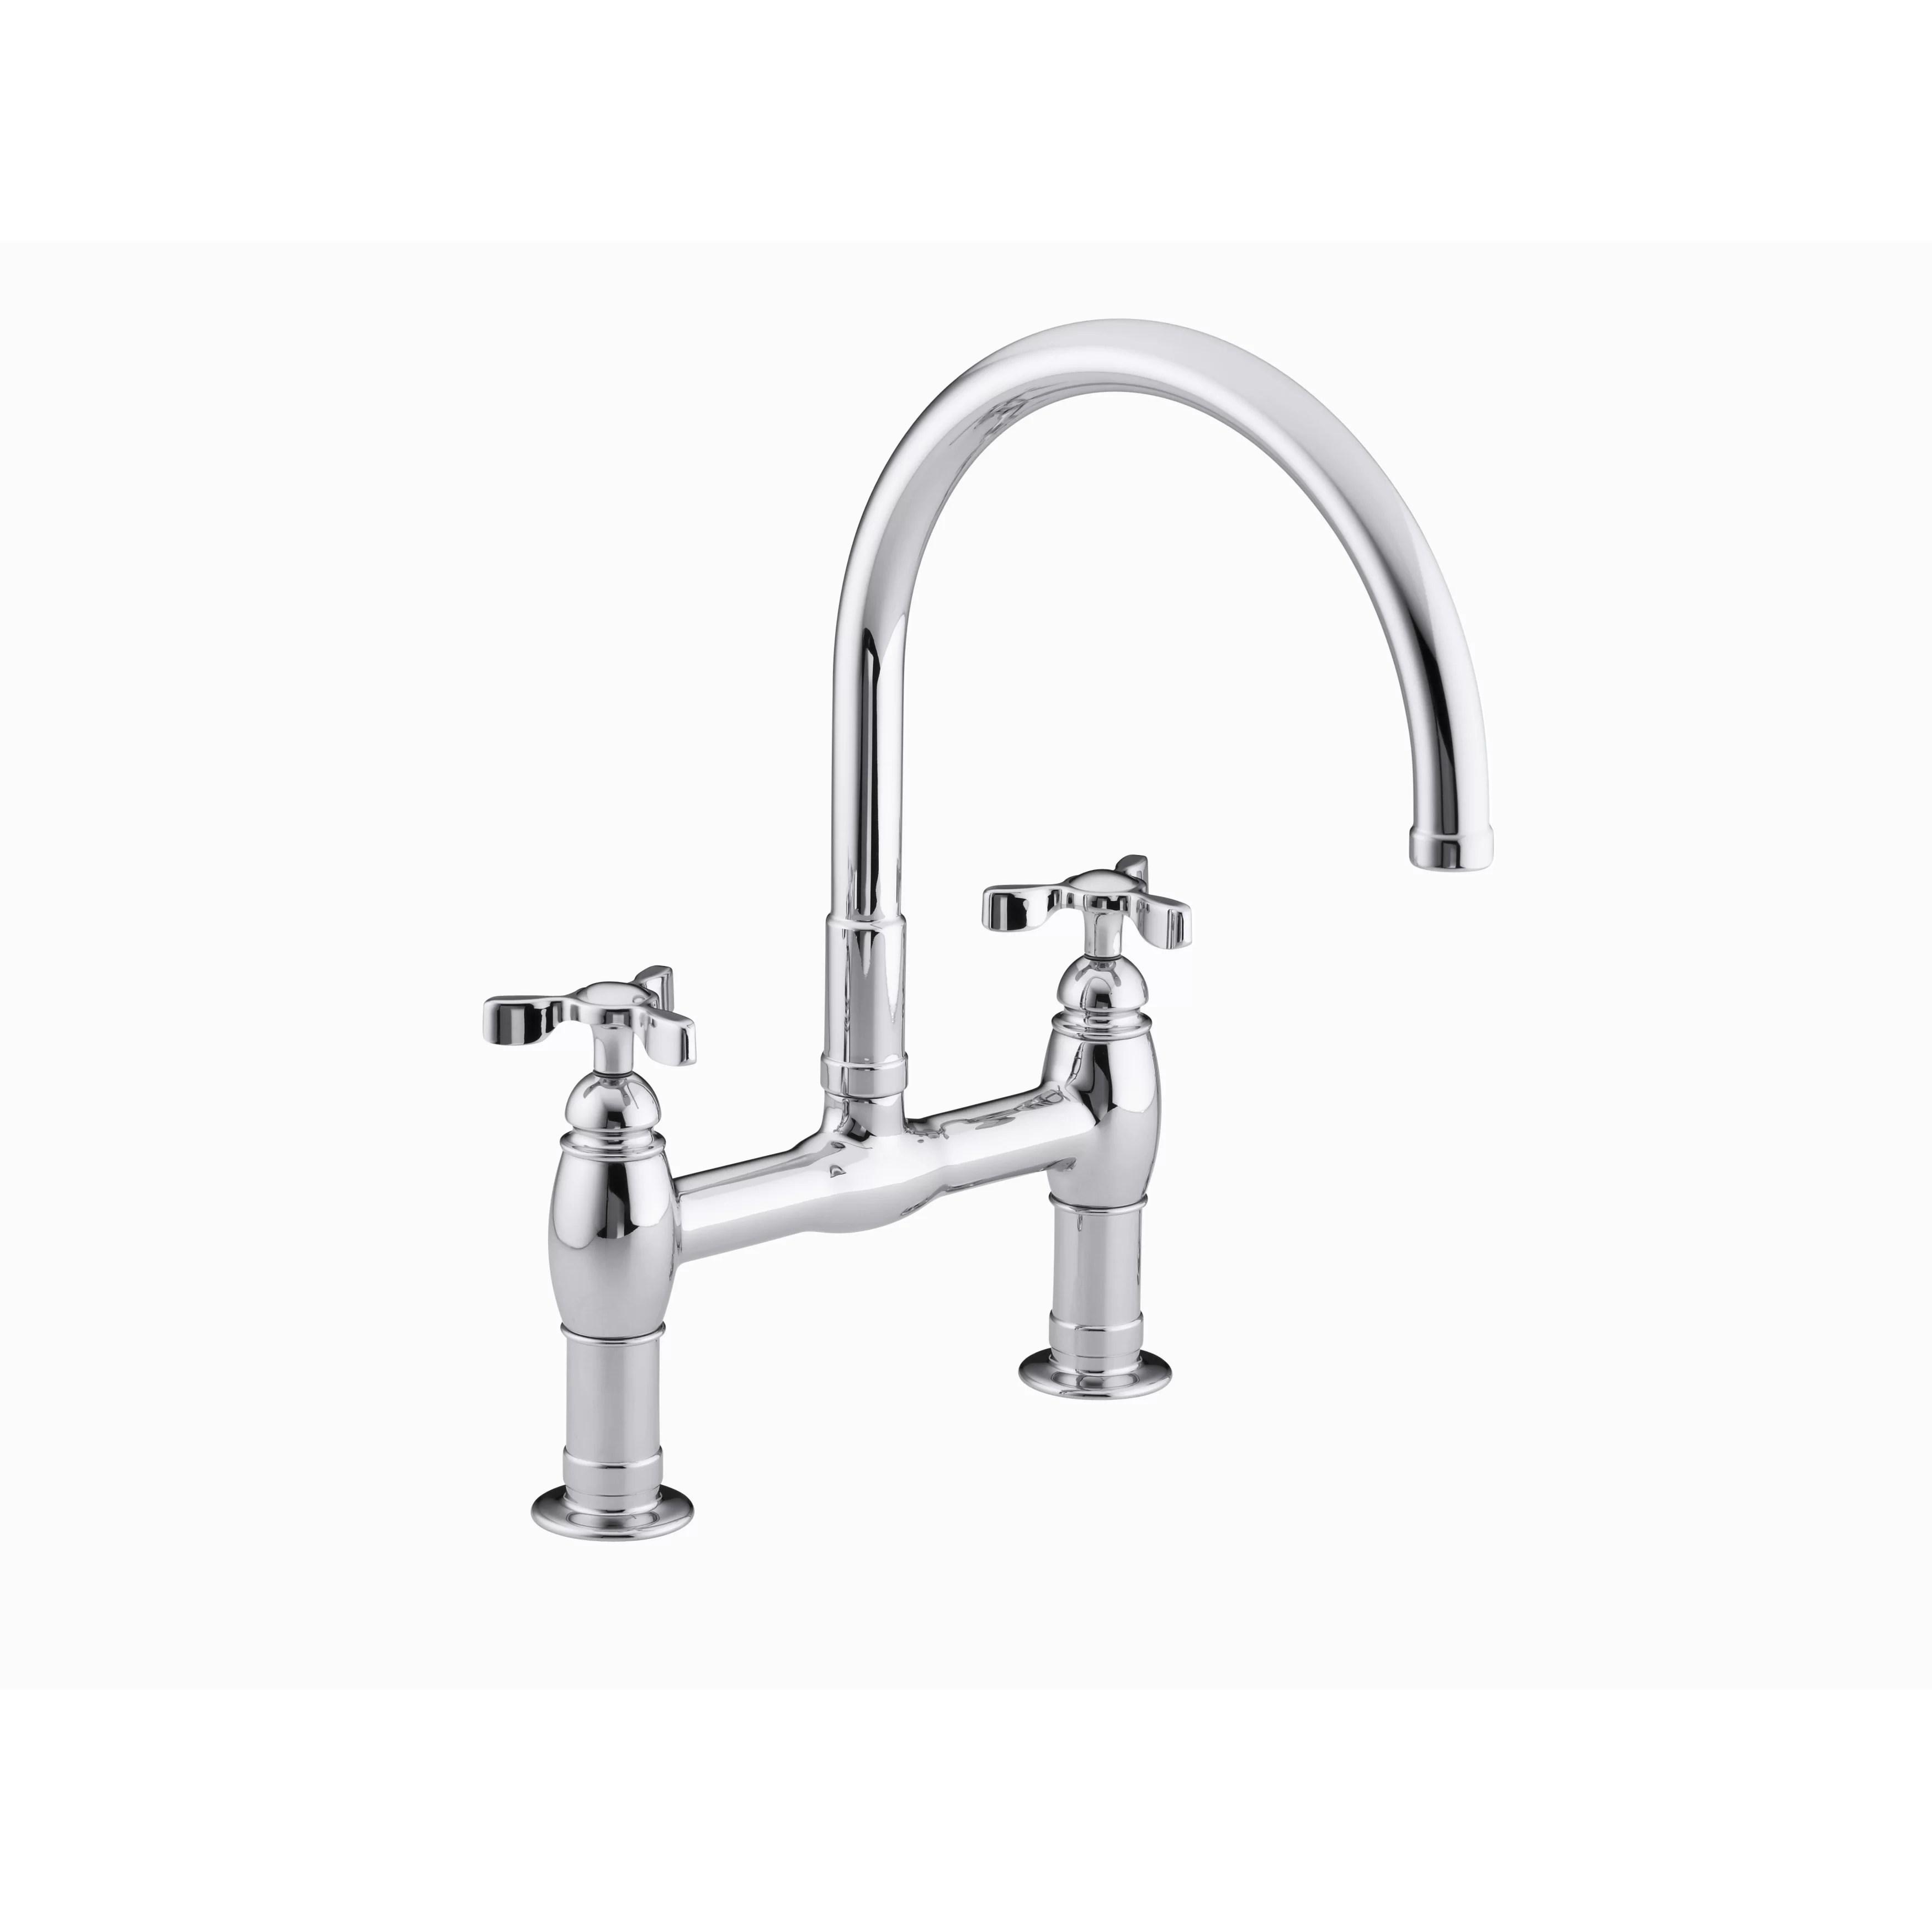 Kohler Parq Double Handle Deck Mount Kitchen Faucet